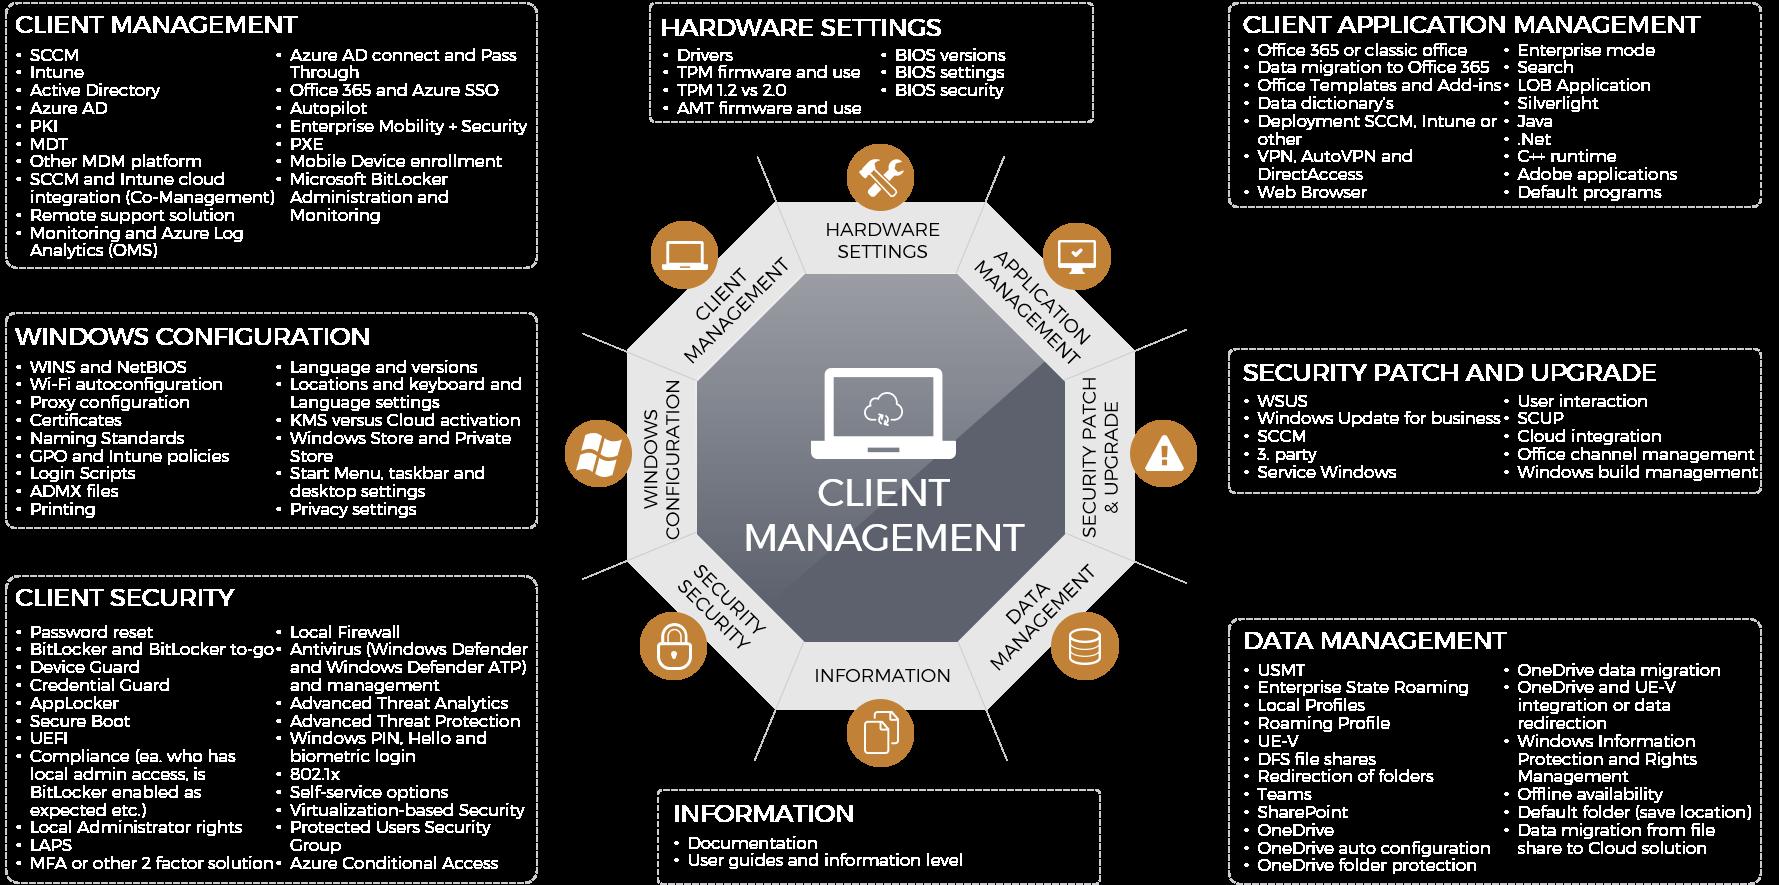 Client-management-overview.png